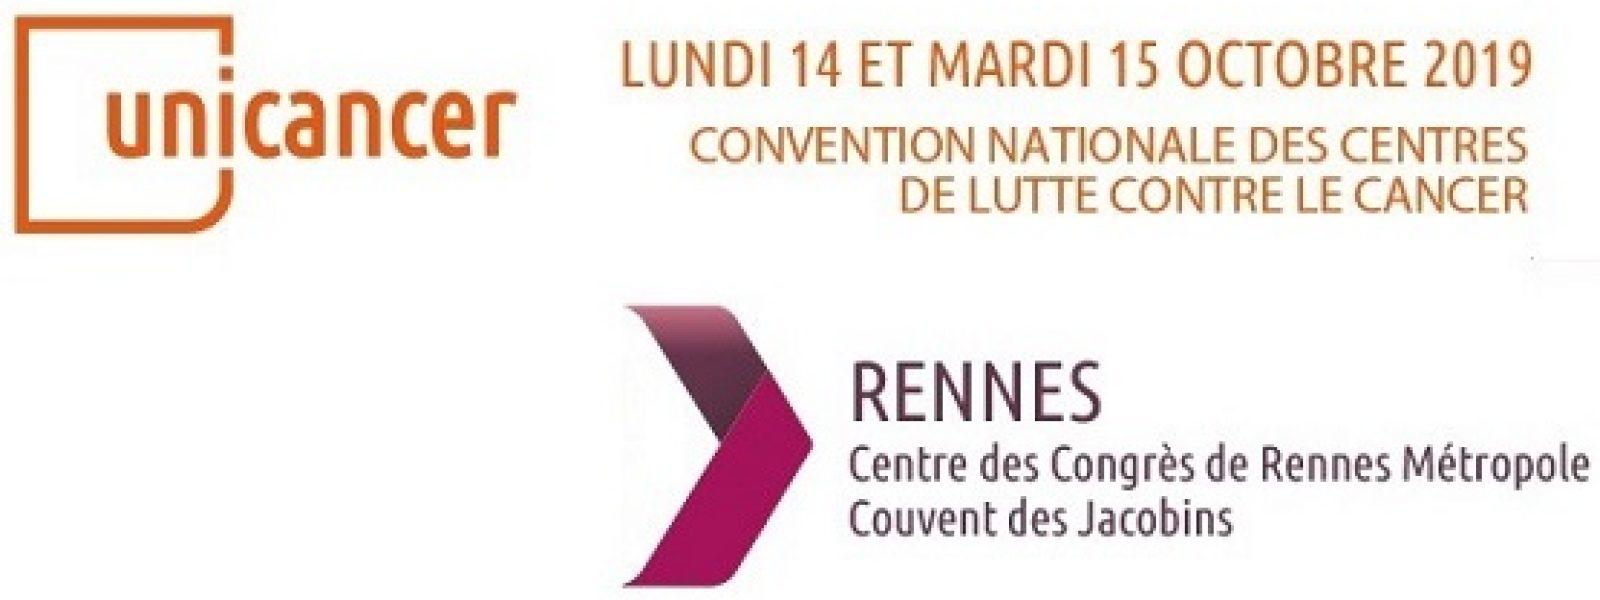 Convention nationale des Centres de lutte contre le Cancer 2019